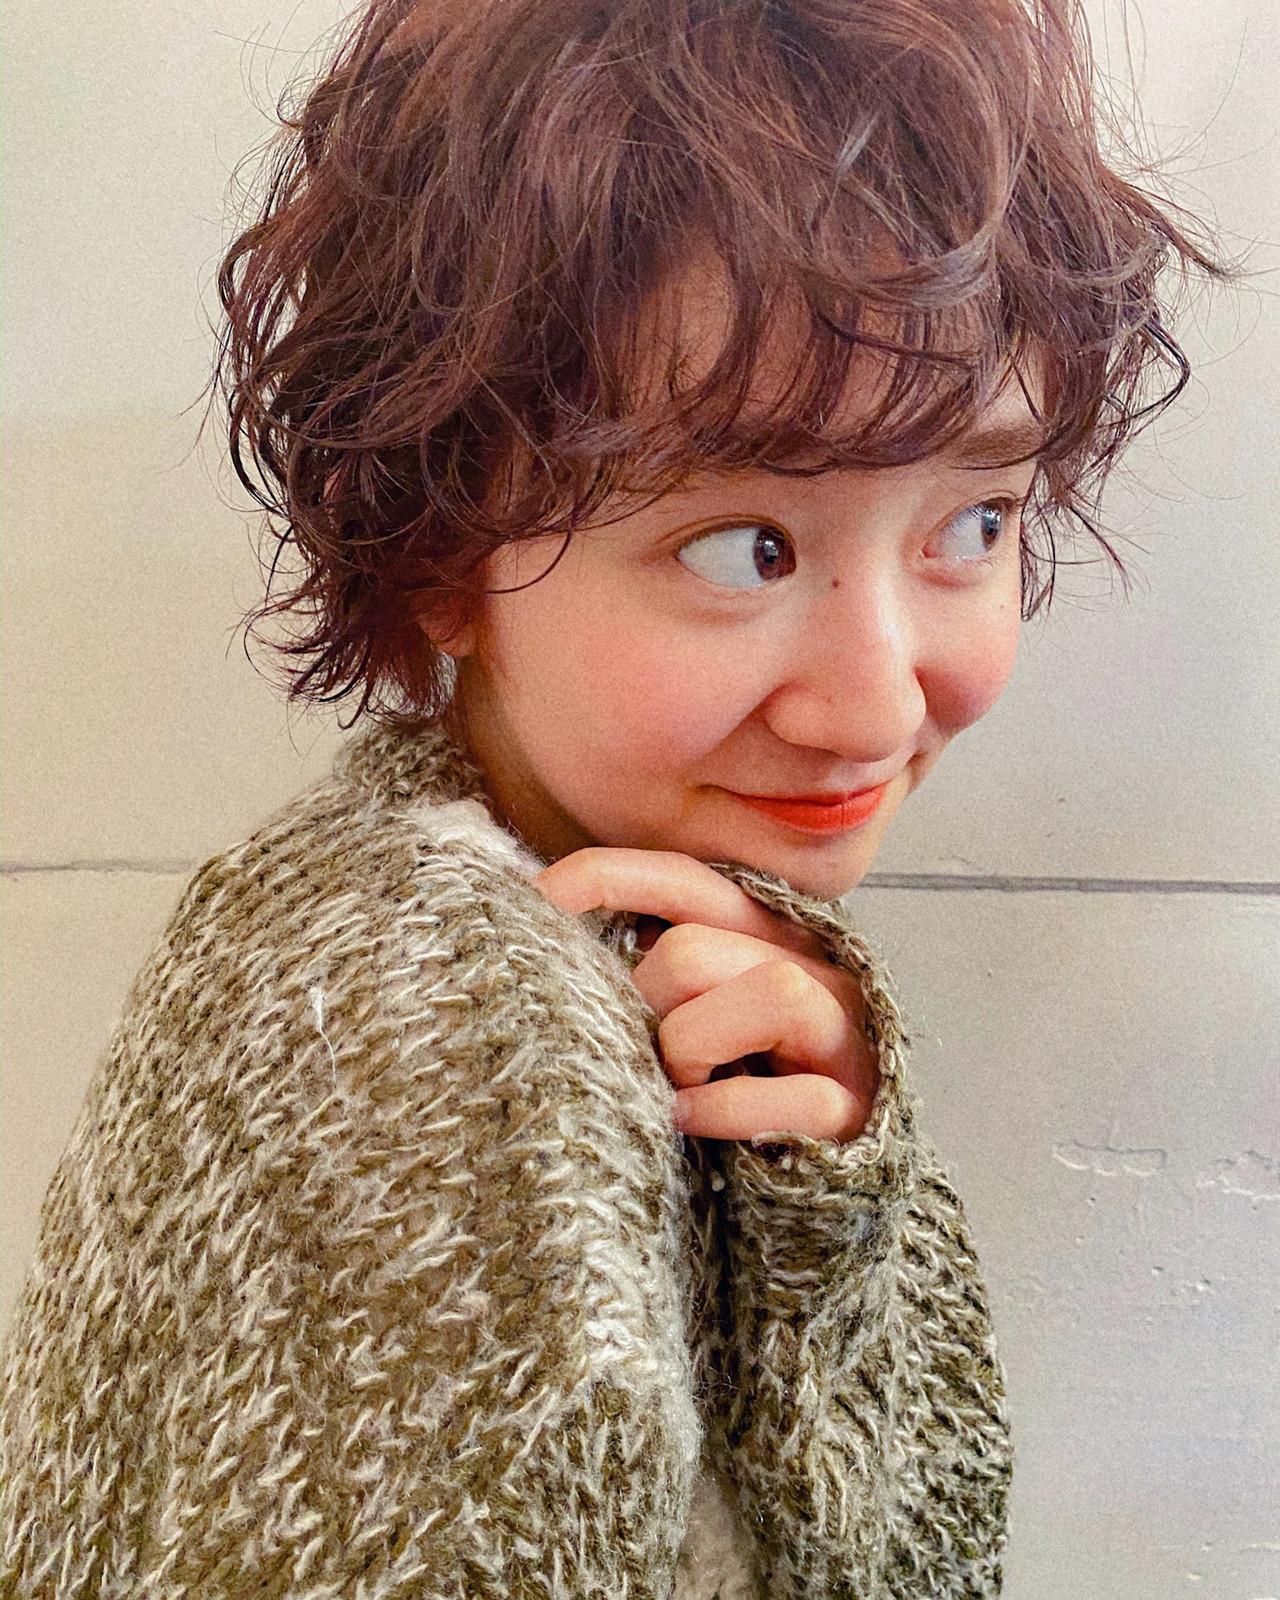 ナチュラル ショート オレンジブラウン ゆるふわパーマ ヘアスタイルや髪型の写真・画像